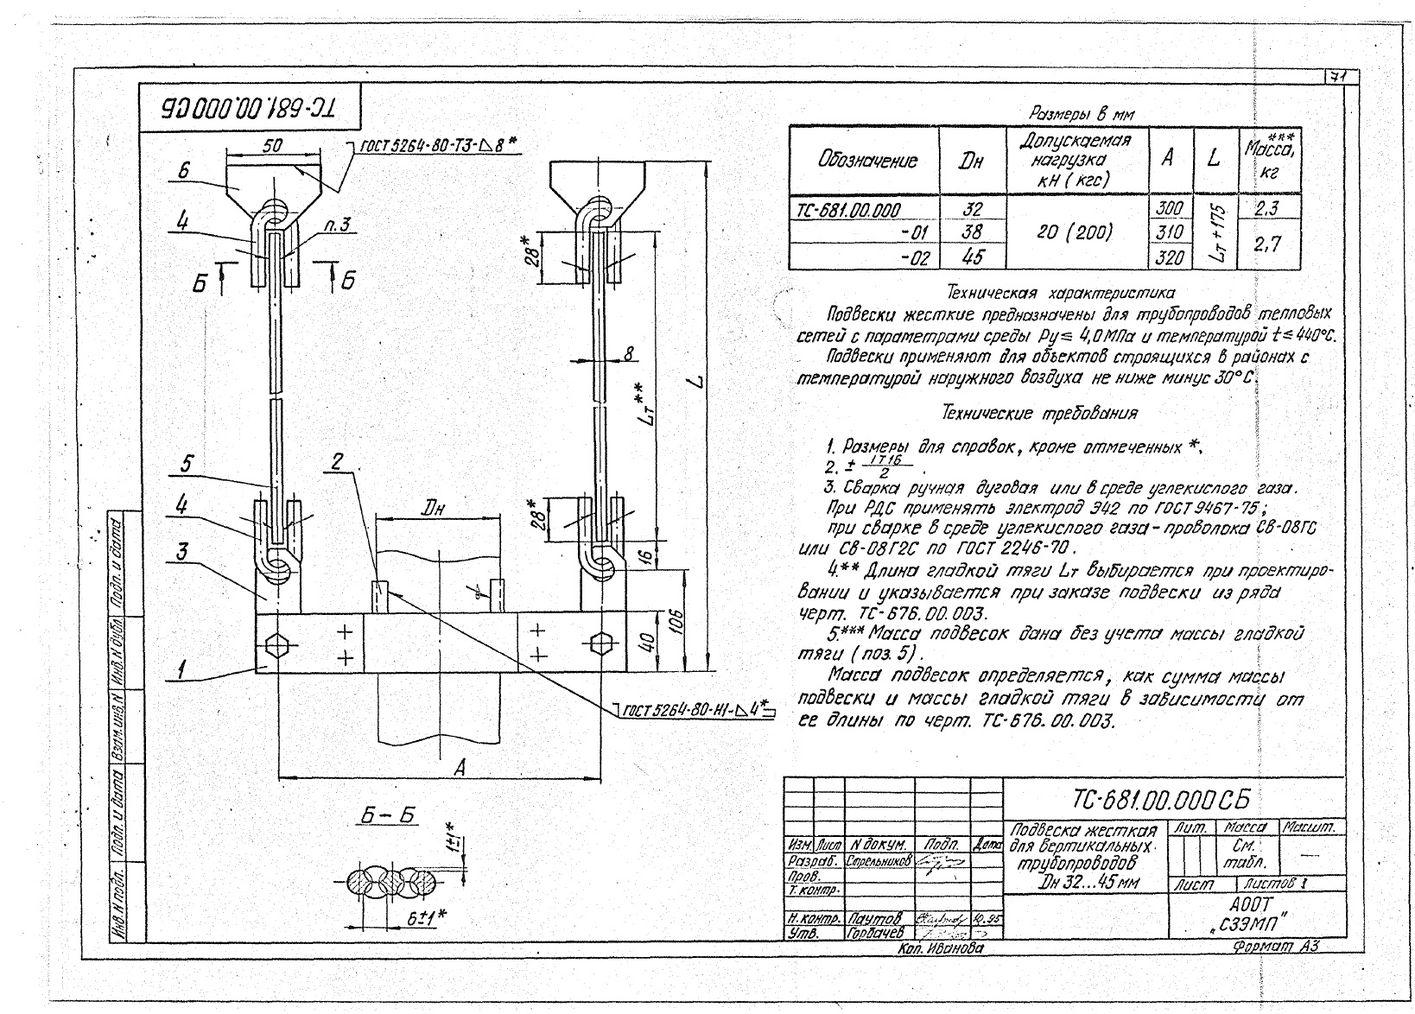 Подвески жесткие для вертикальных трубопроводов Дн 32-45 мм ТС-681.00.000 СБ серия 5.903-13 выпуск 6-95 стр.1